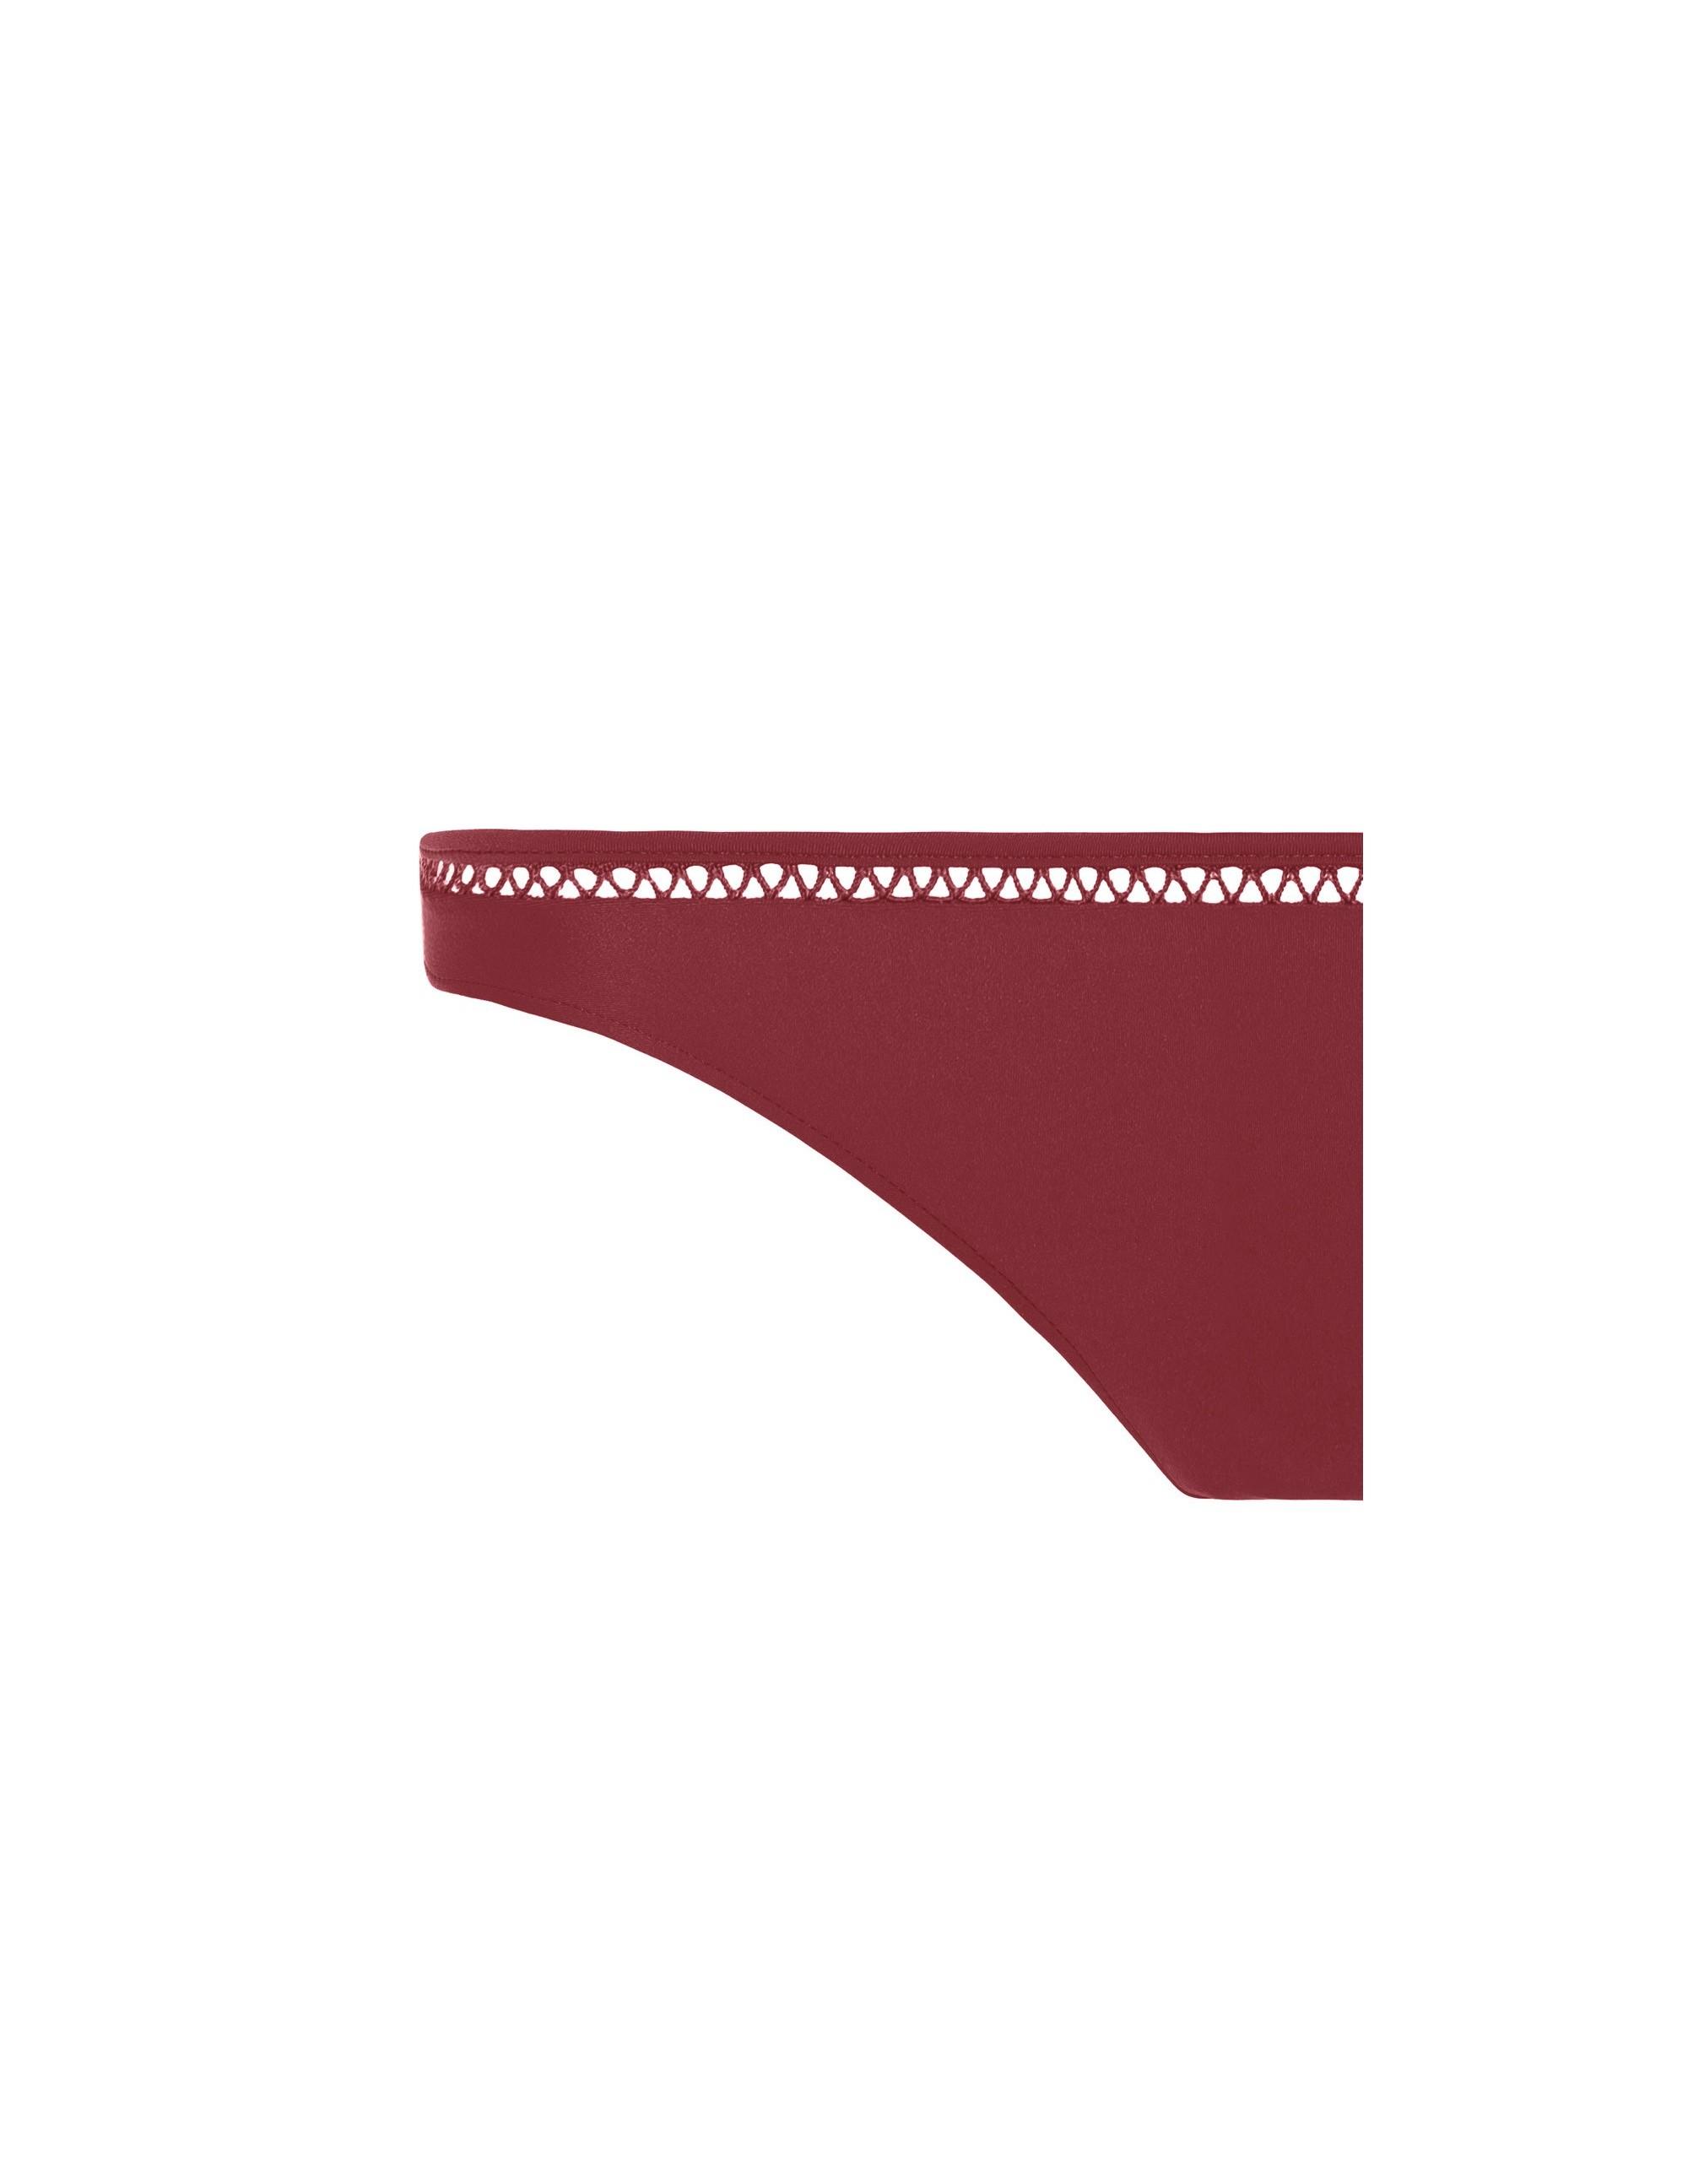 BELLA bikini bottom - MASAAI